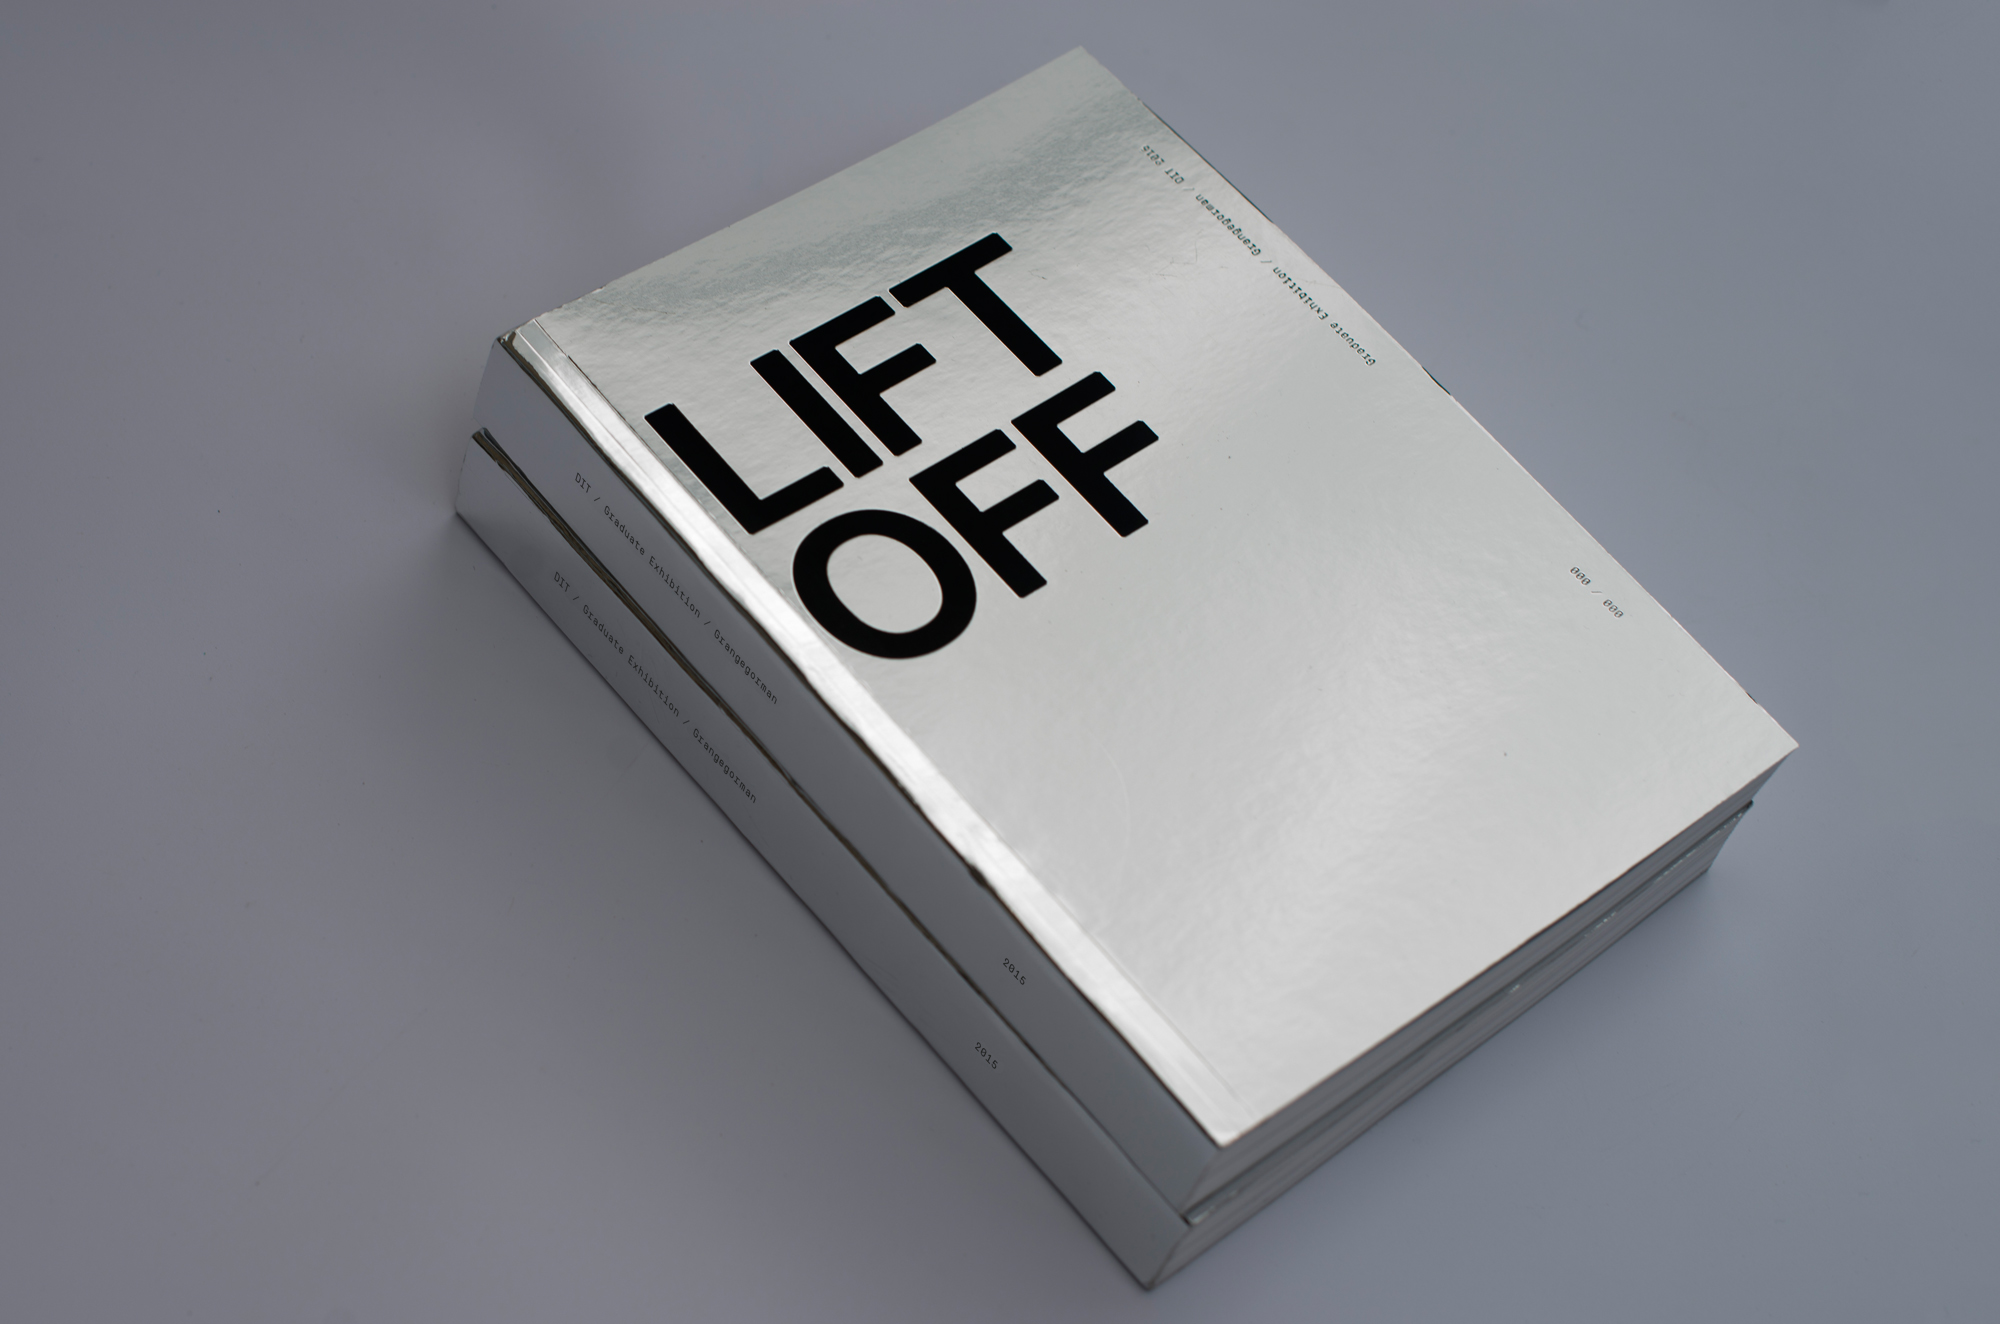 LIFT OFF –DIT Graduate Exhibition 2015